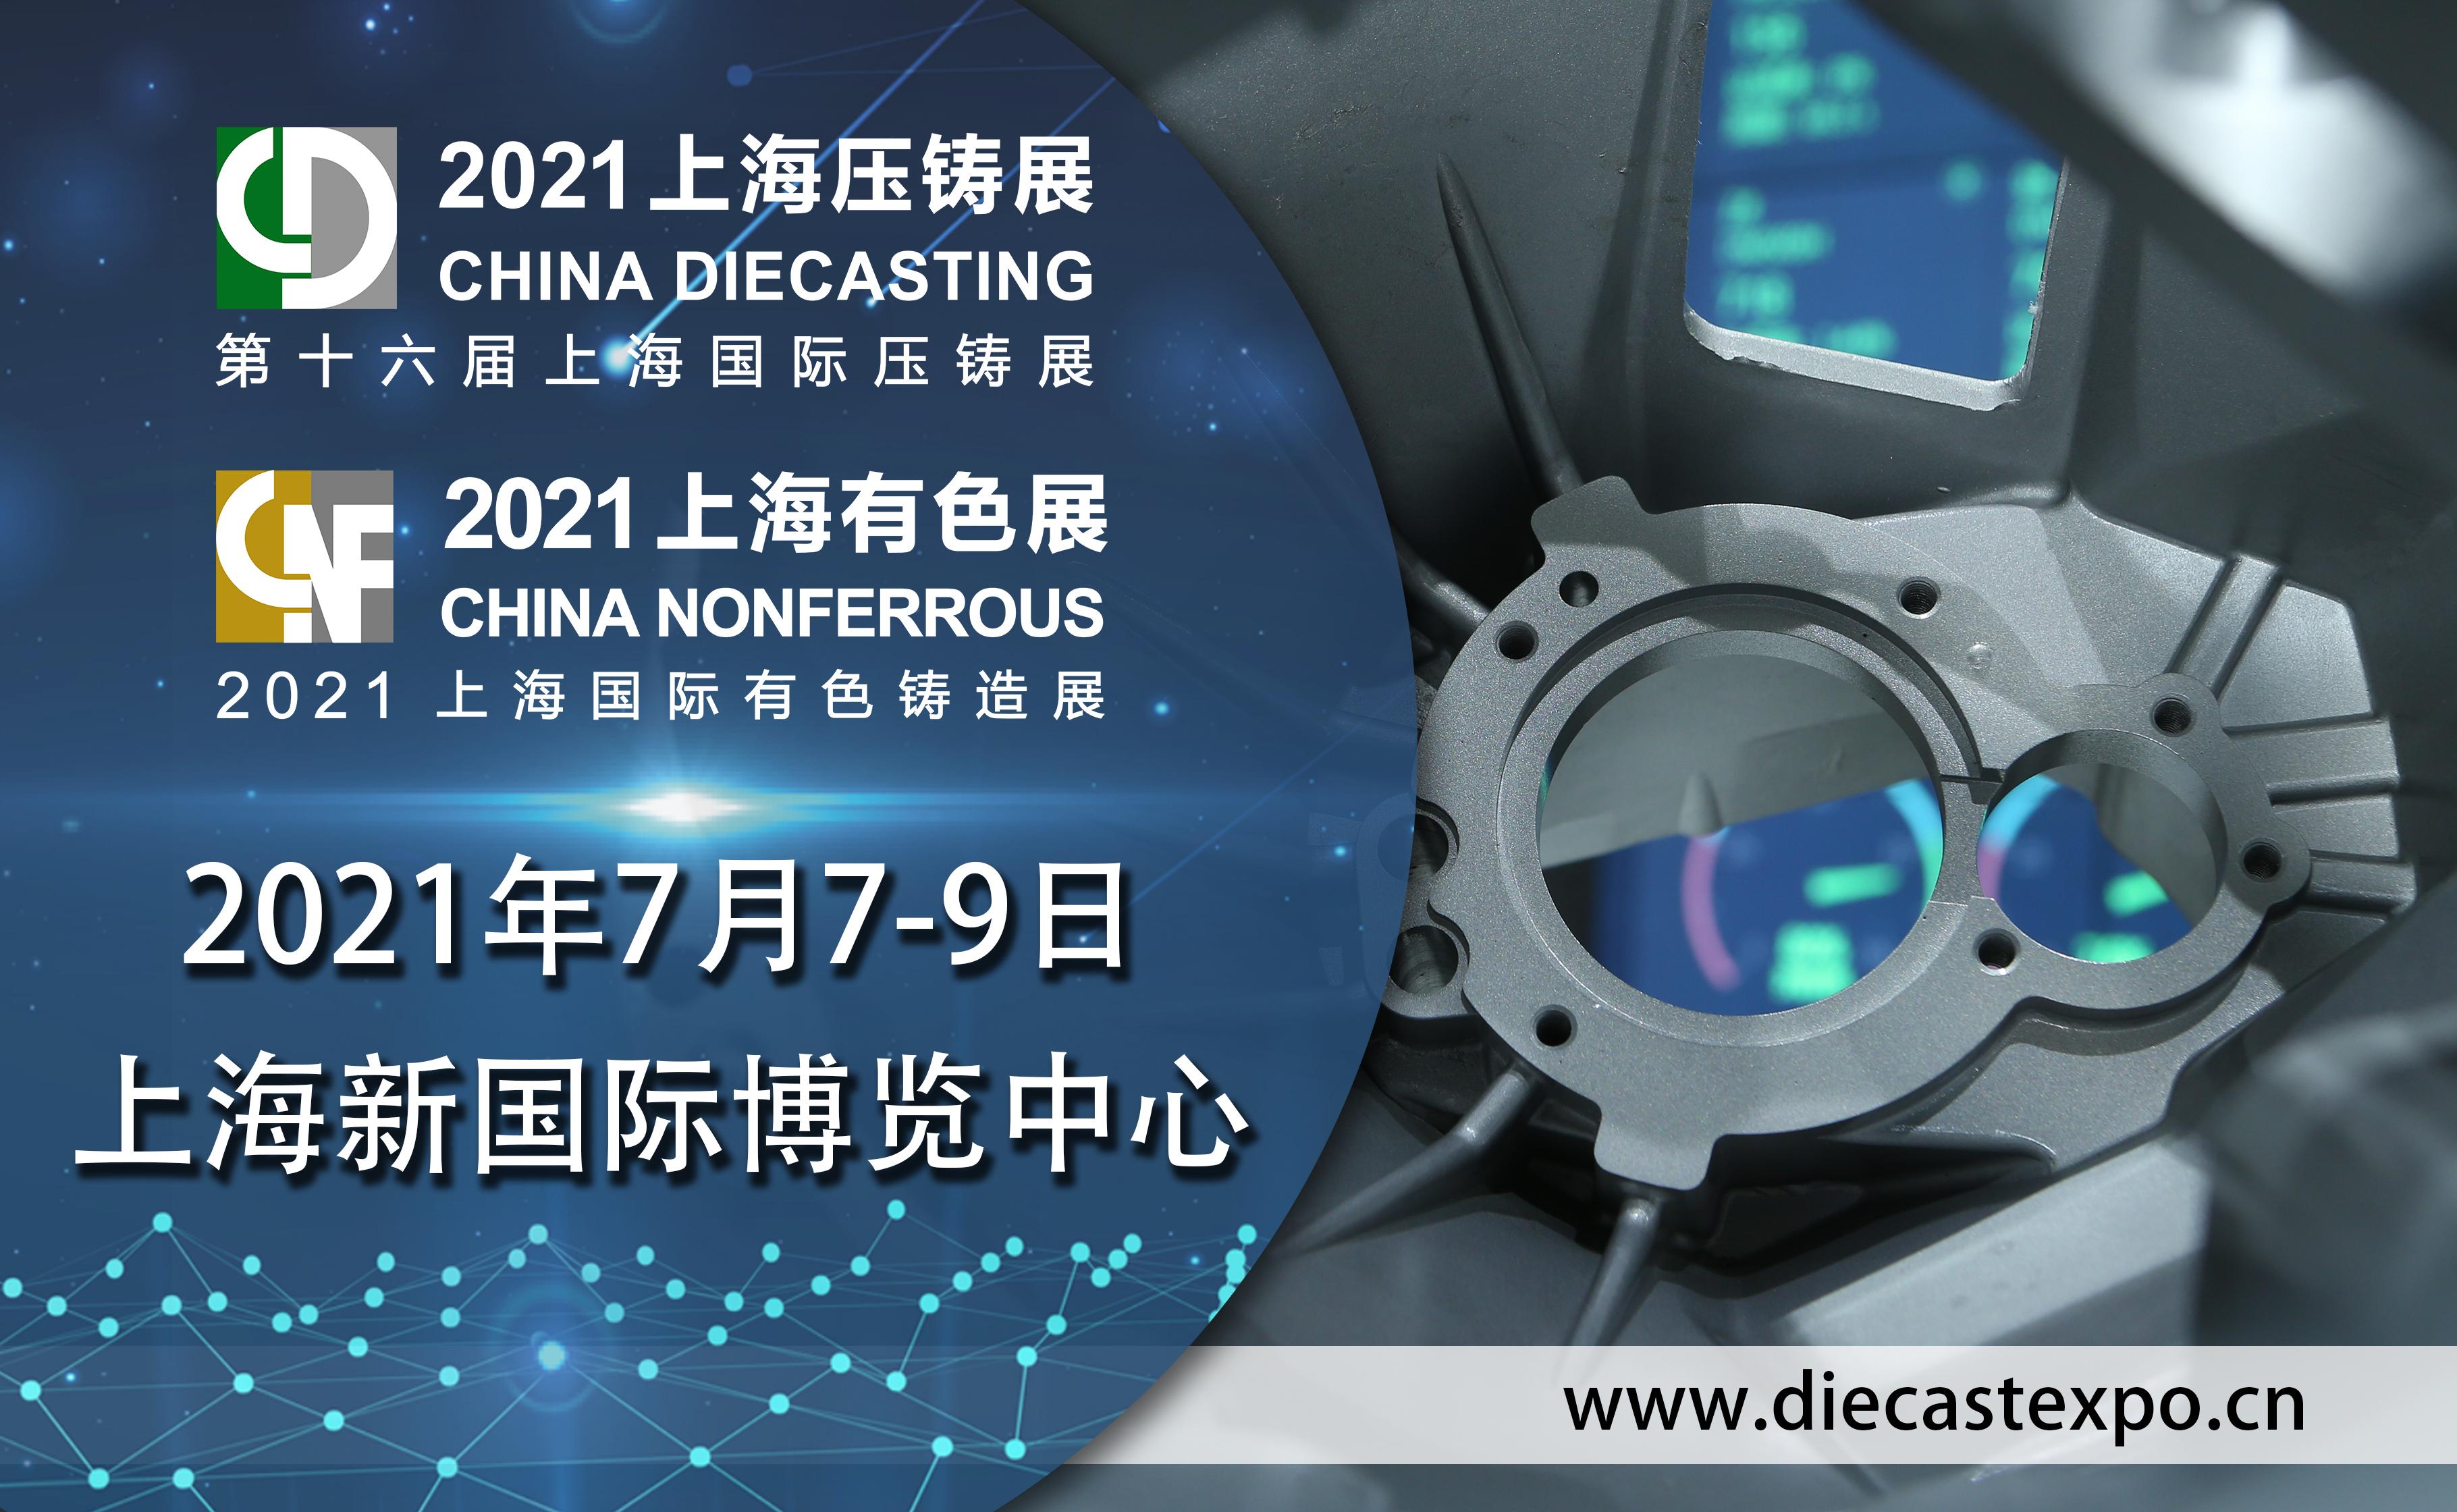 第十六屆上海國際壓鑄展(同期:2021上海國際有色鑄造展)